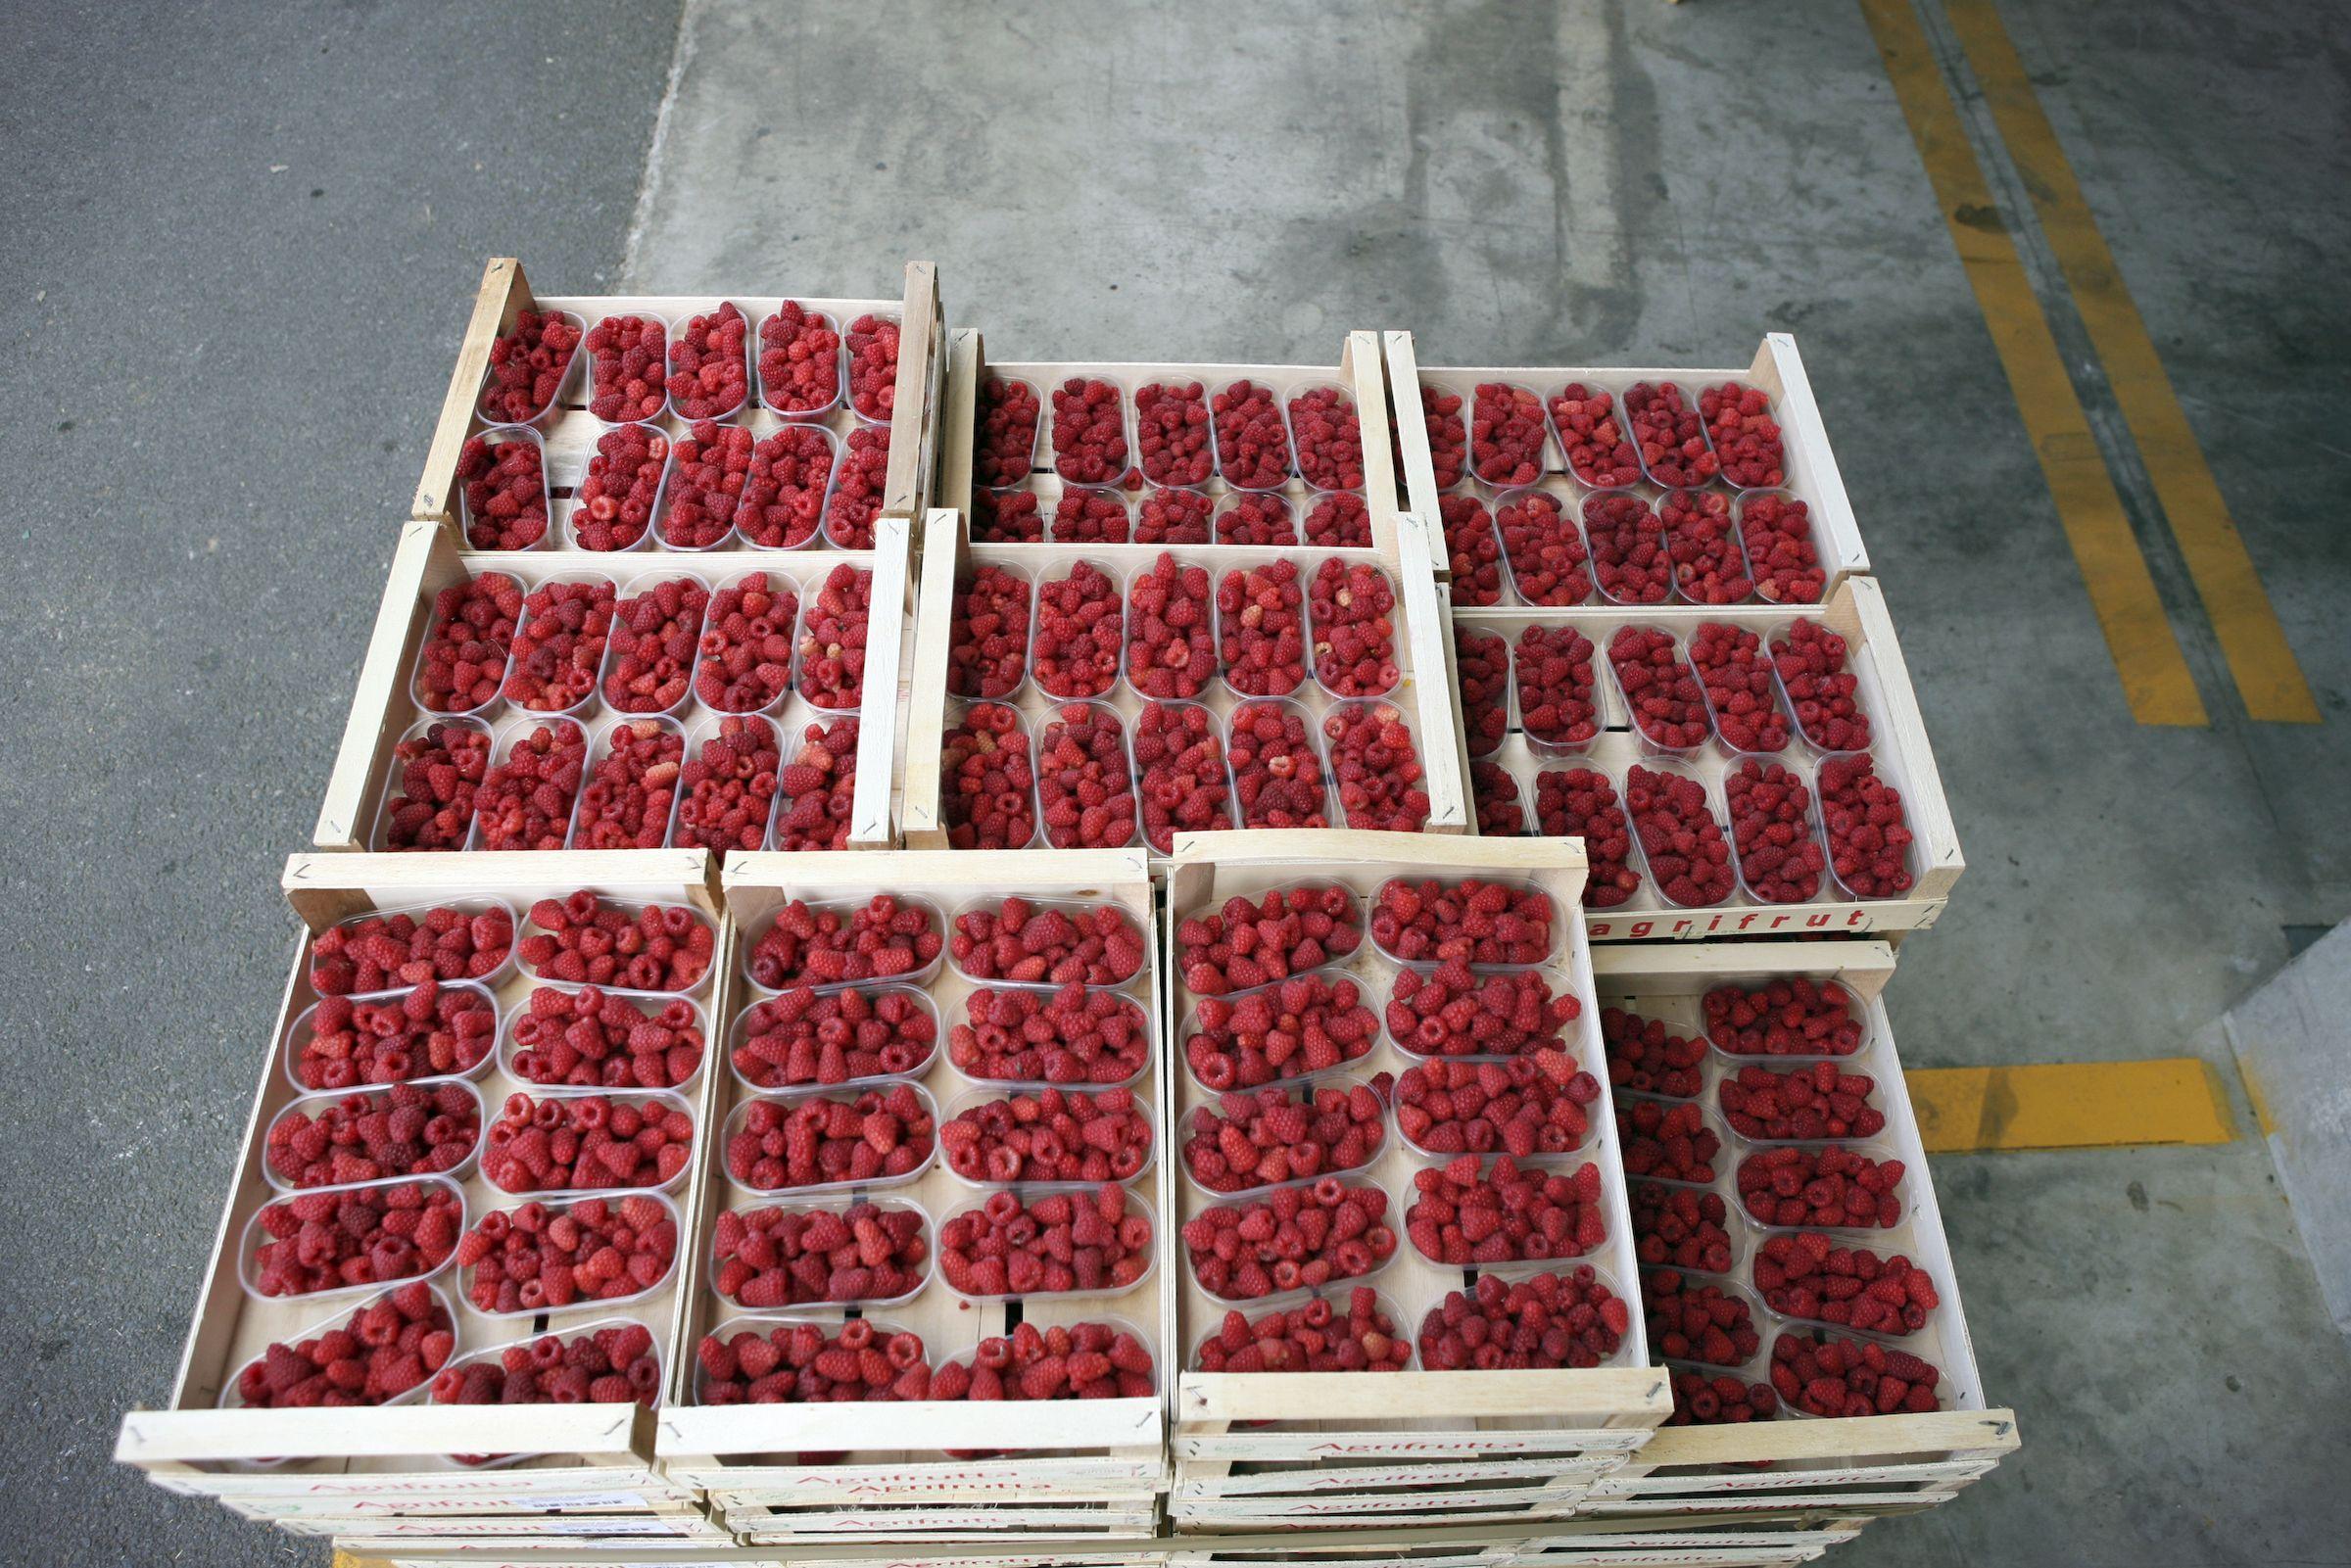 Coltivare Lamponi In Vaso i lamponi - peveragno   food, strawberry, fruit